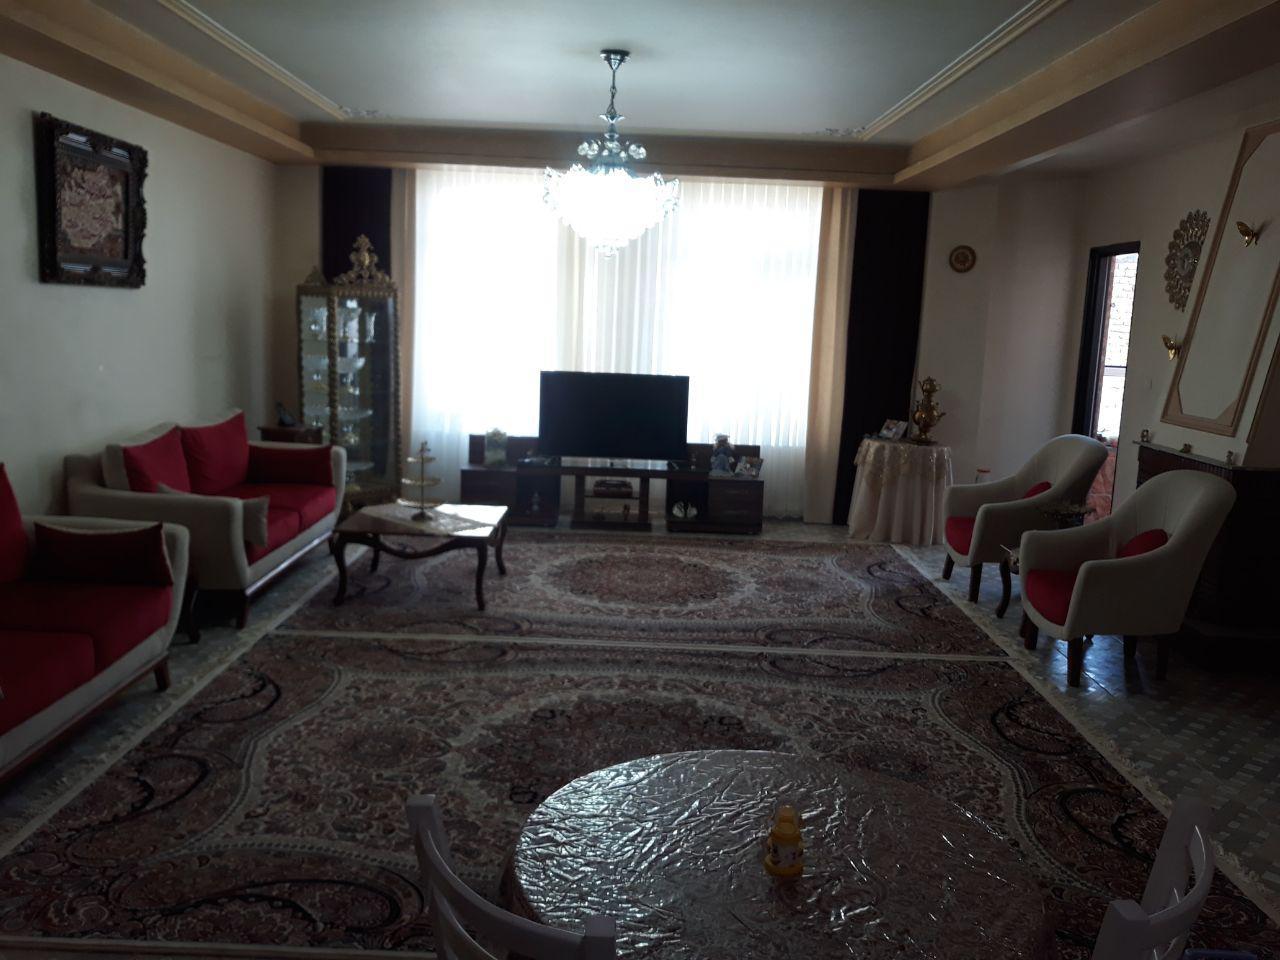 فروش طبقه سوم از آپارتمان 5طبقه (15واحد) در ملاهادی